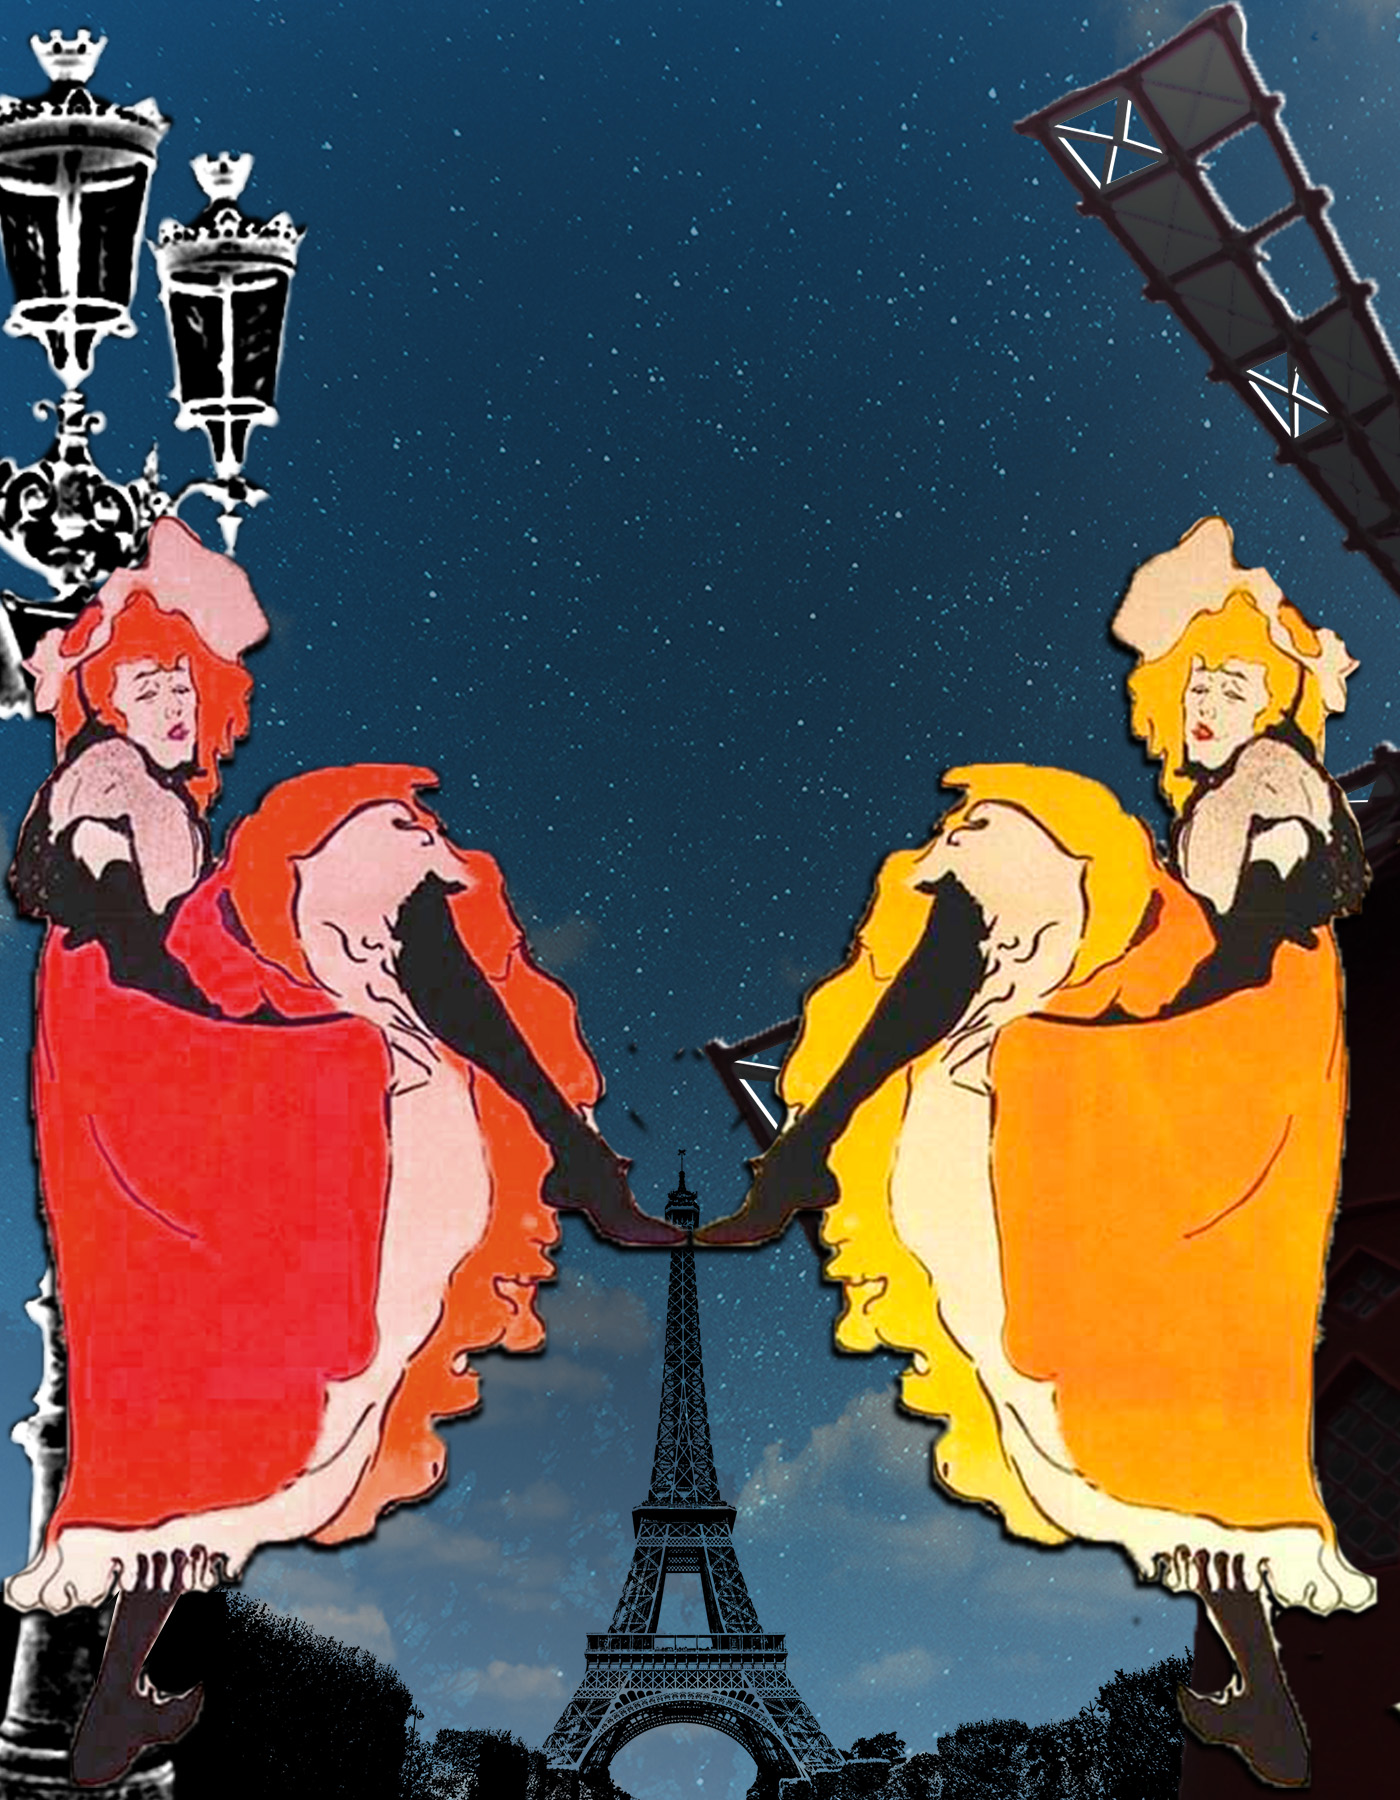 Bohemia París, Jane Avril bailando y Torre Eiffel al fondo. Loco Mundo Arte y Bohemia.